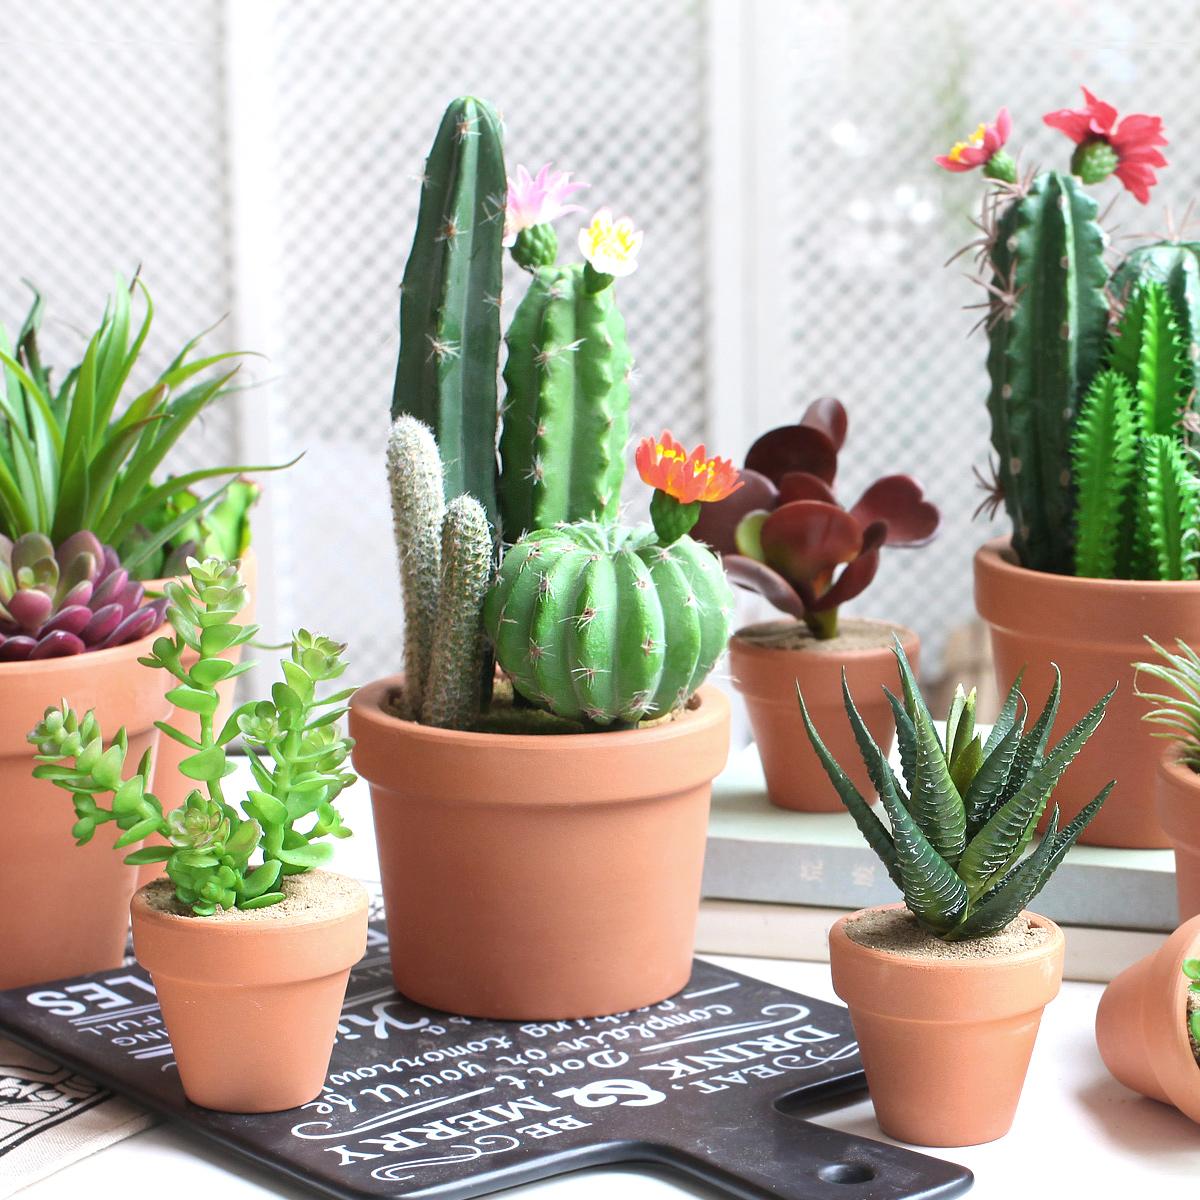 西西里 仿真绿色植物假多肉小盆栽 办公桌创意可爱绿植摆设装饰品